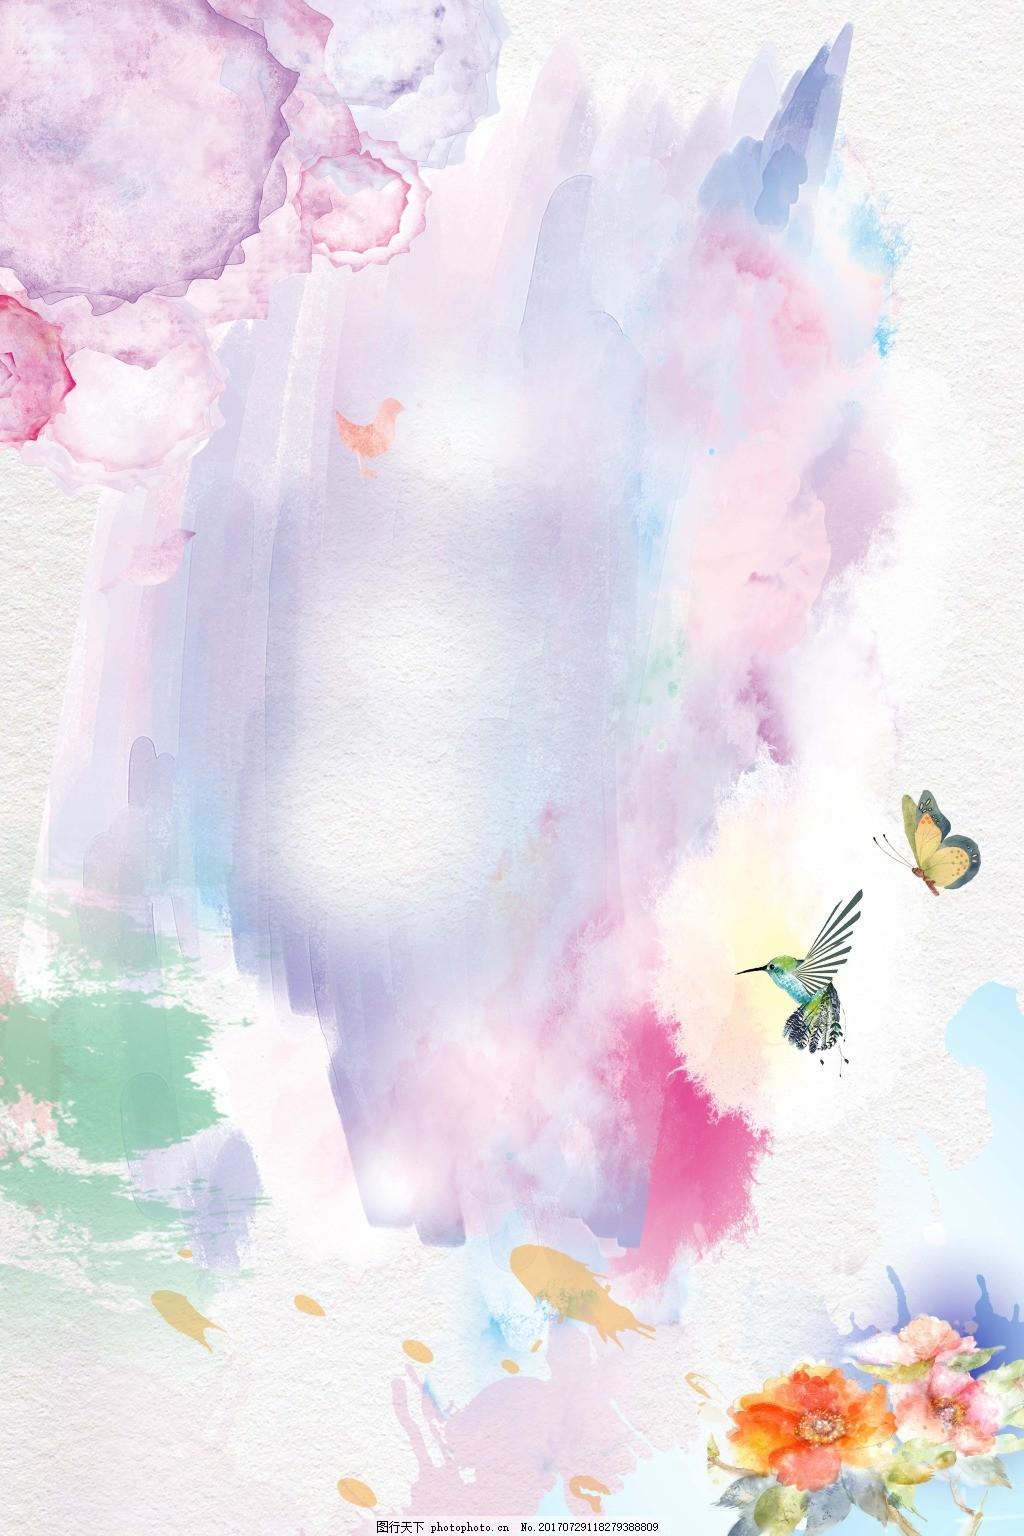 中国风水墨蝴蝶背景 晕染 彩色渐变 花鸟图 海报